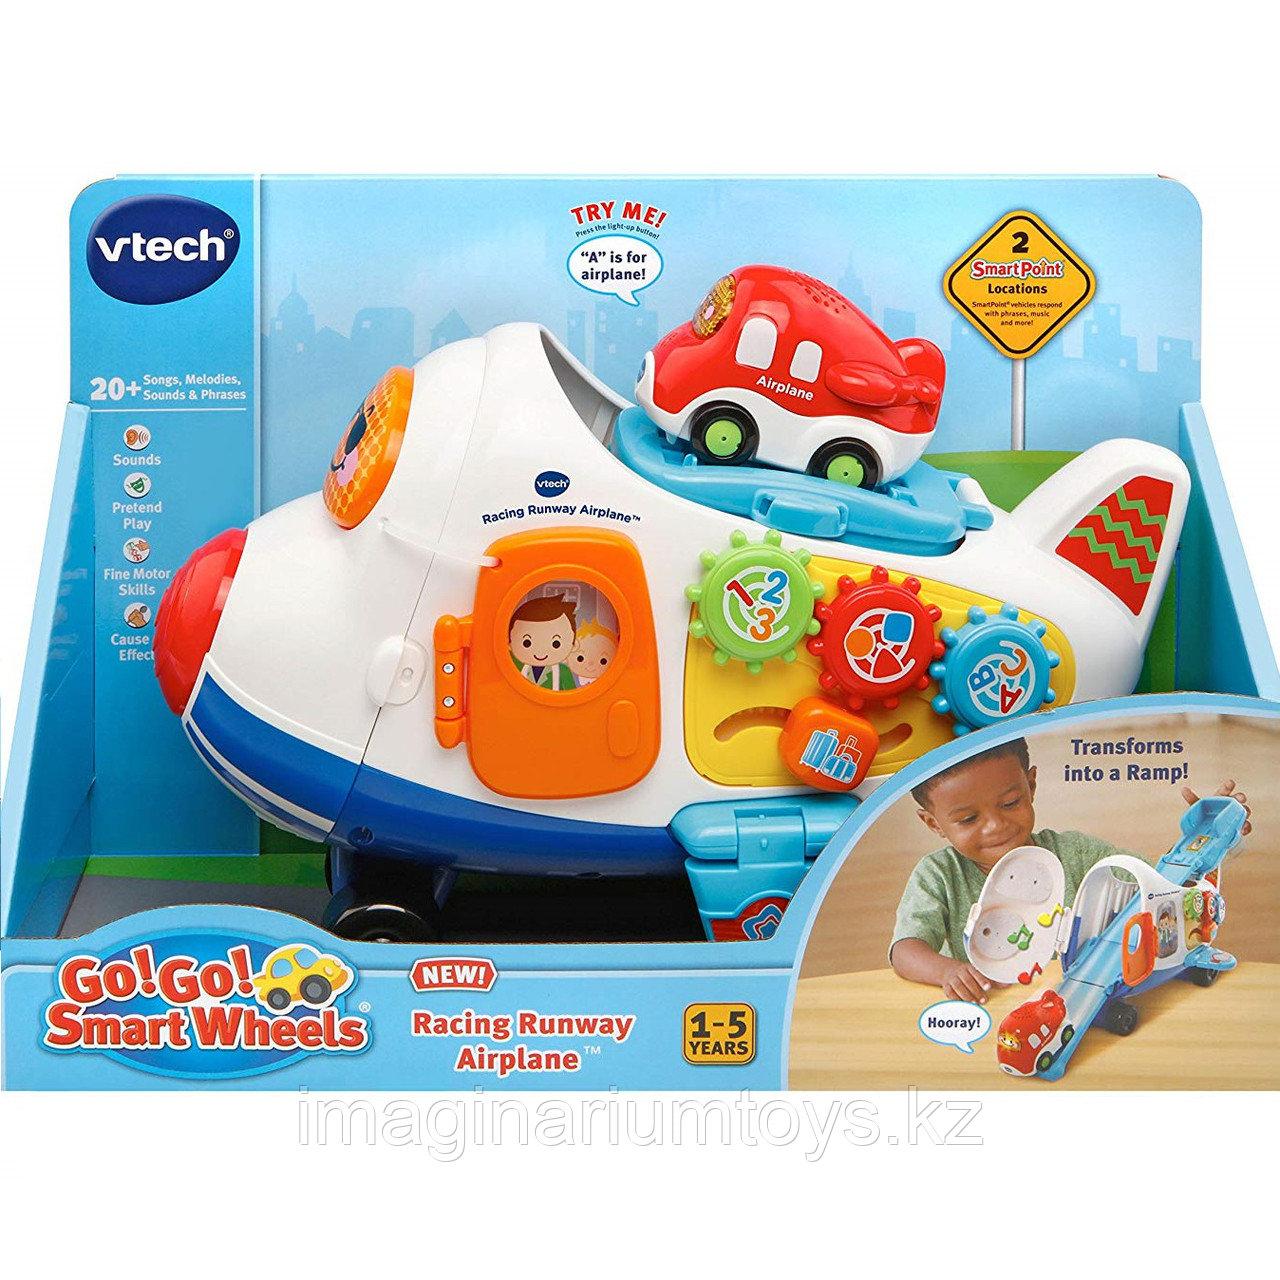 Интерактивная развивающая игрушка «Самолет» VTech